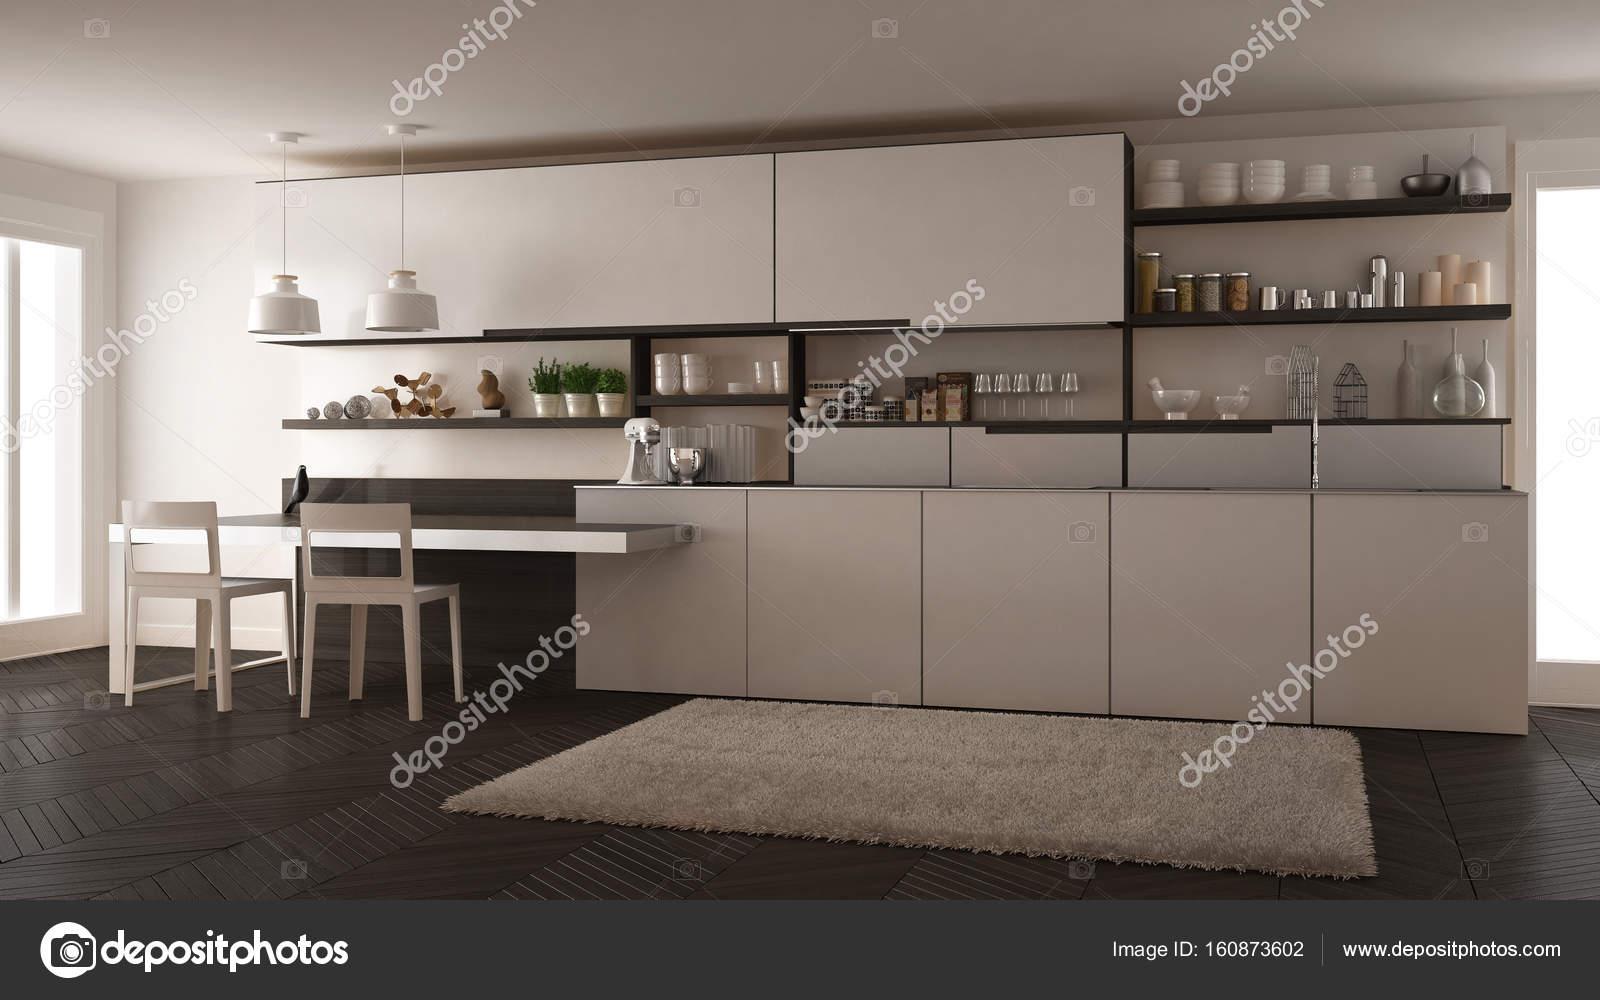 Minimalistische moderne keuken met houten details tafel en